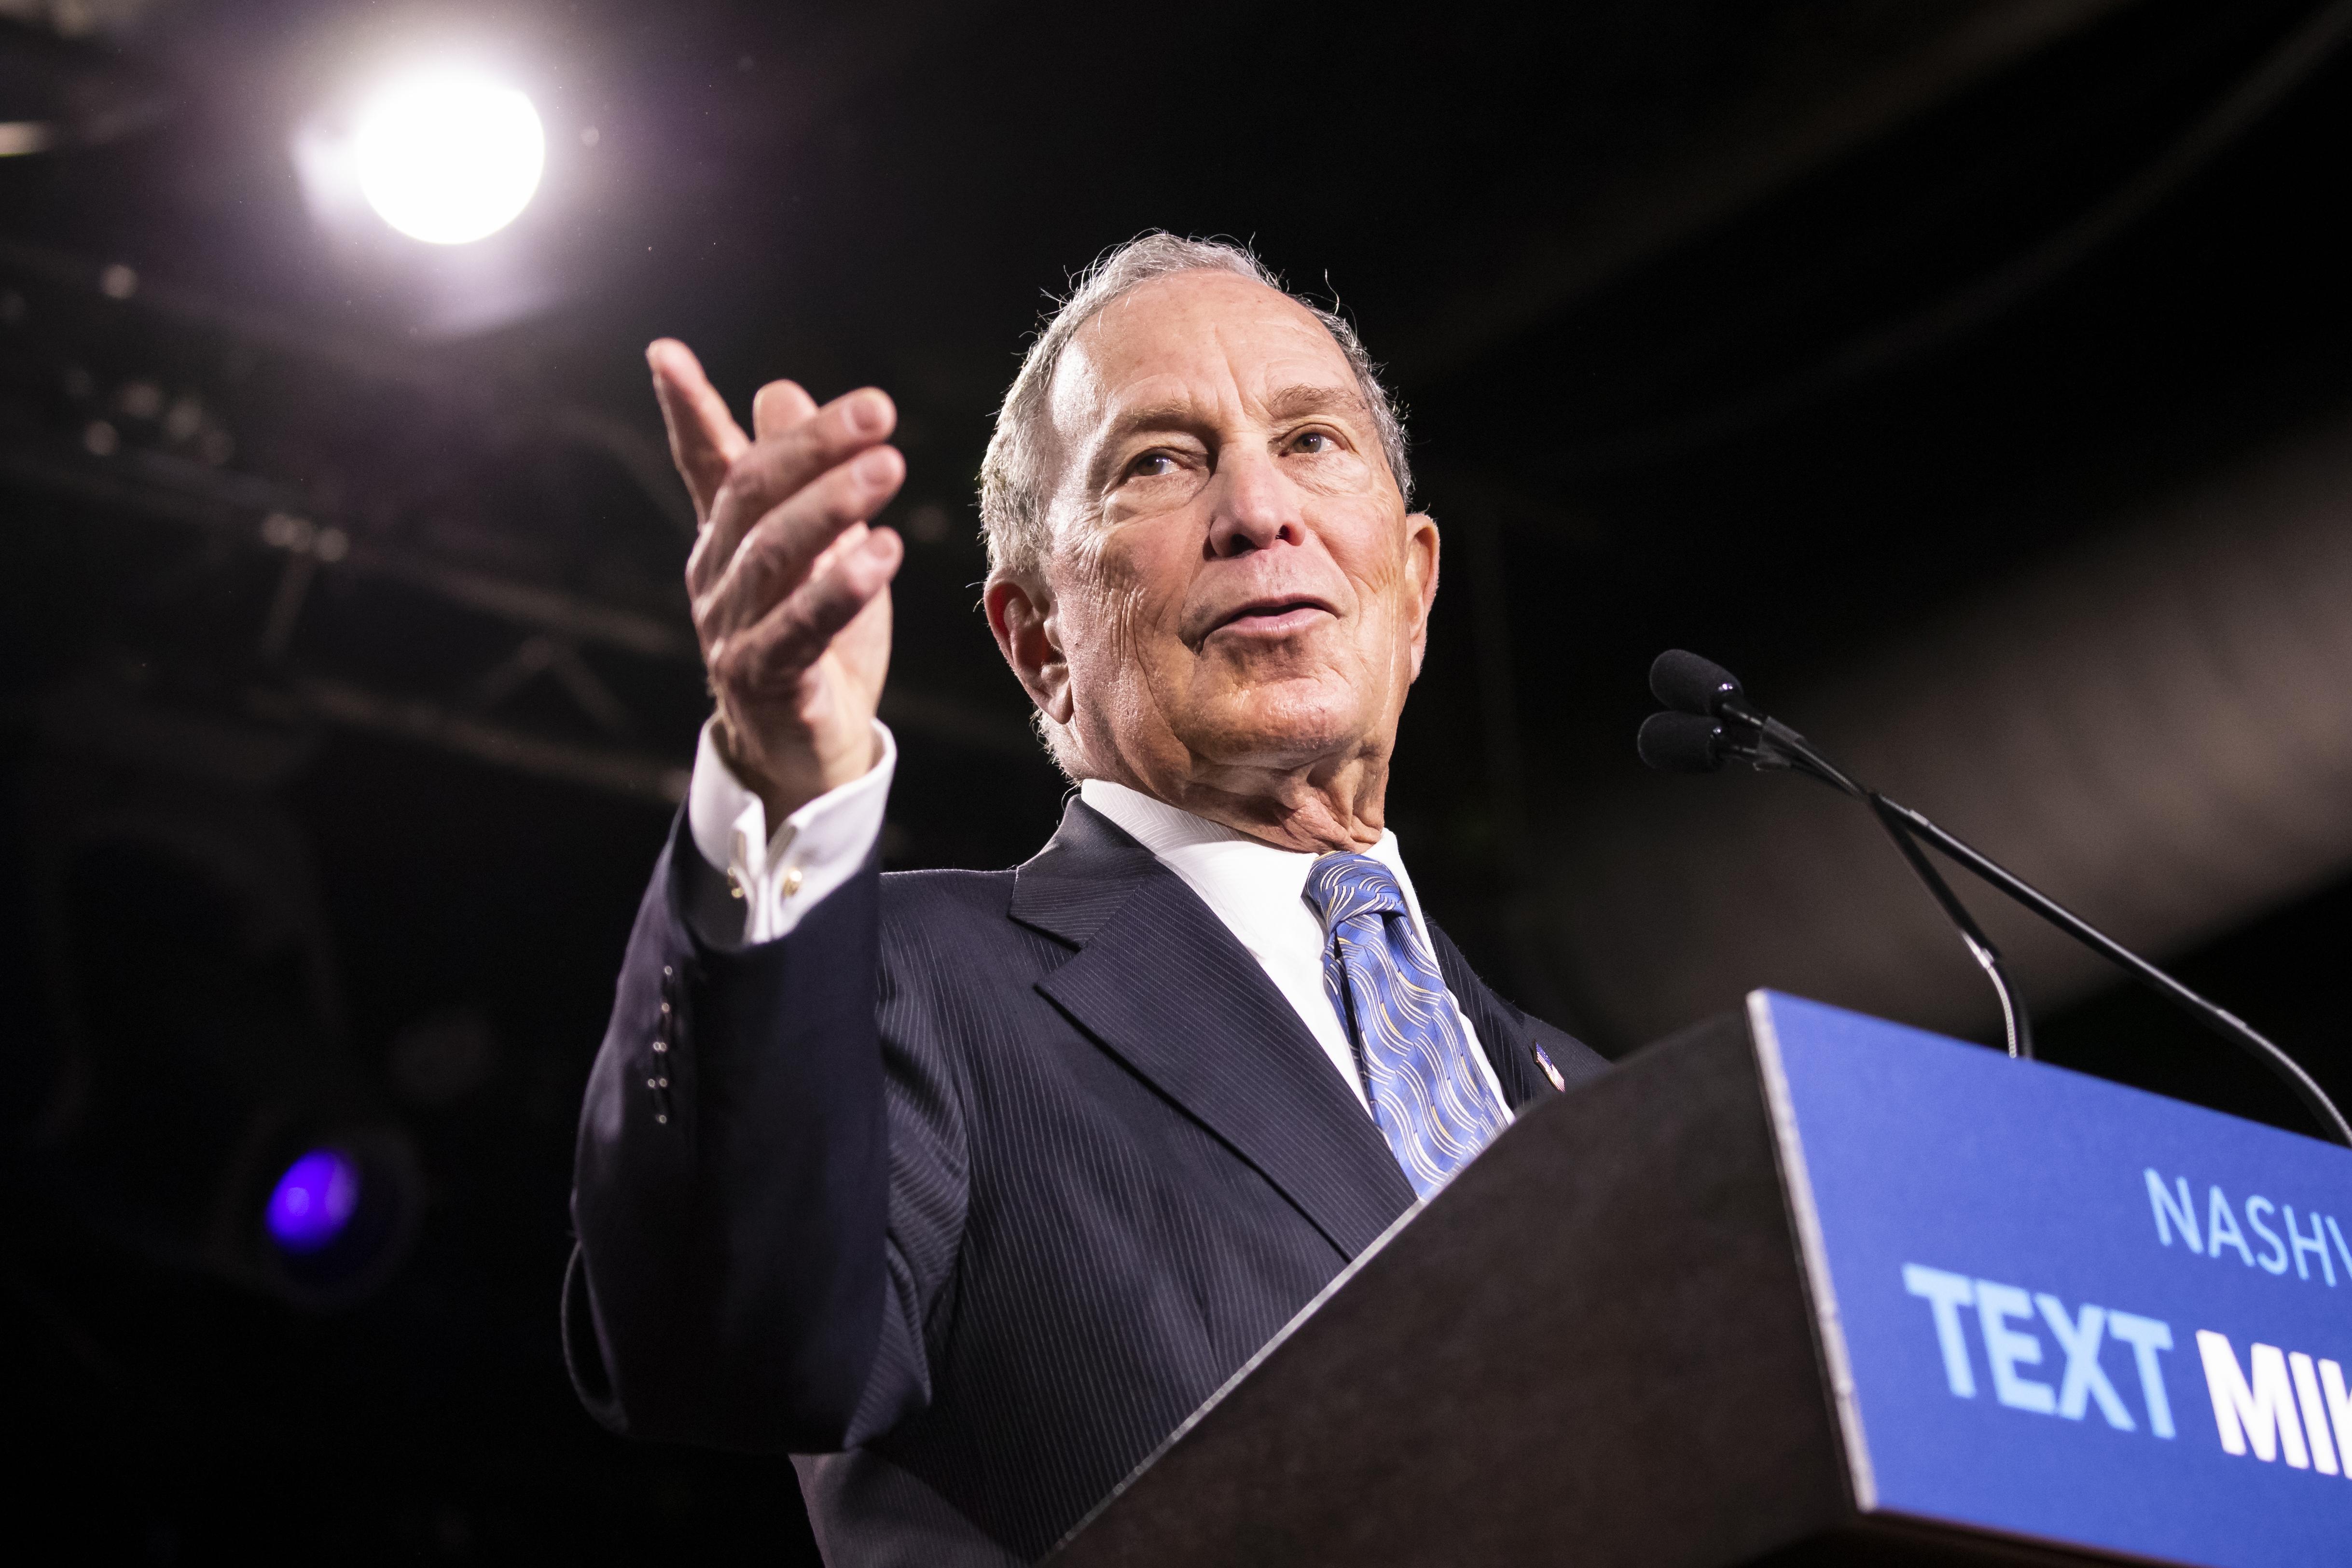 Bloomberg's VERY expensive debate performance